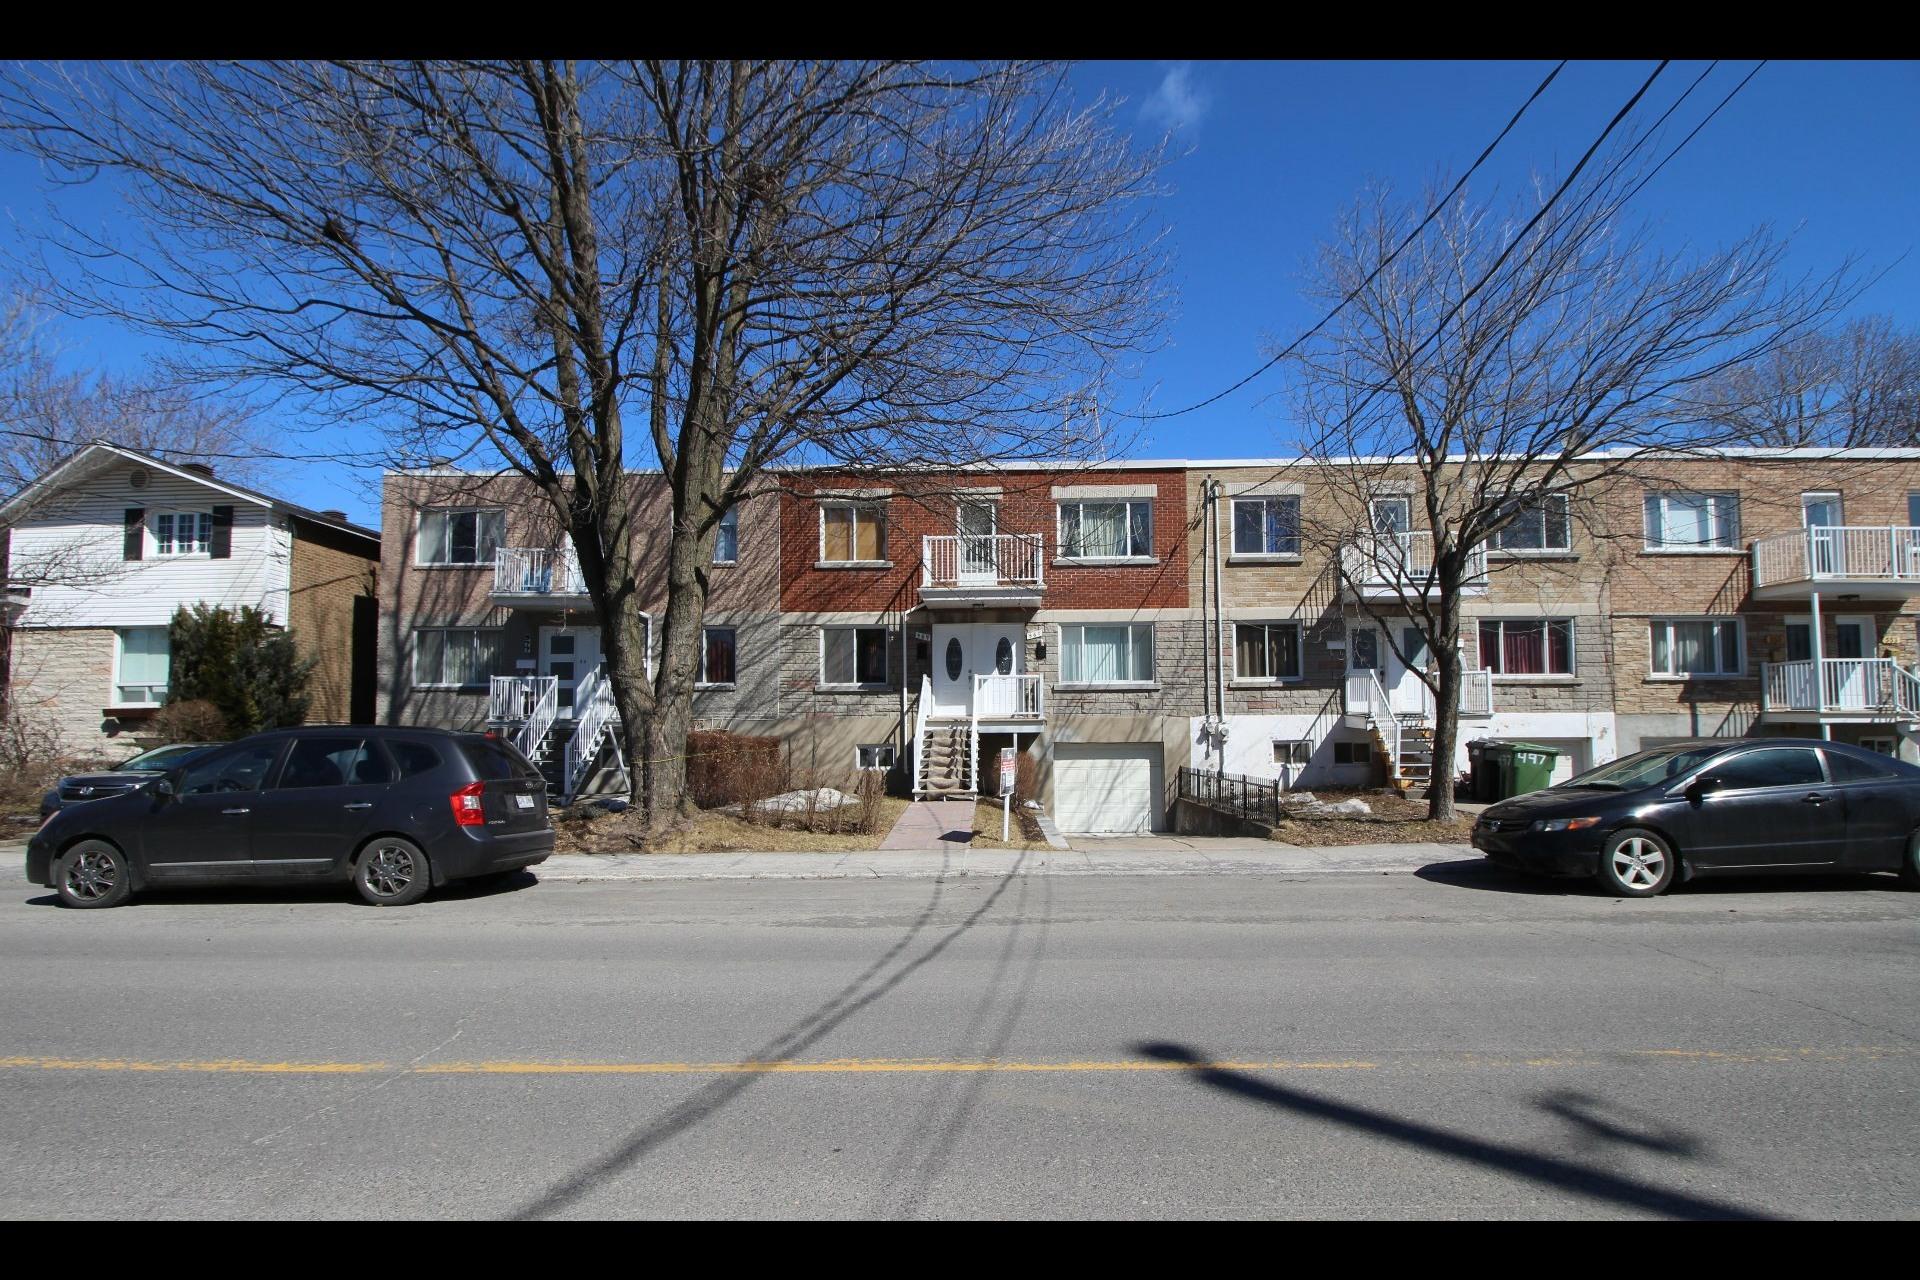 image 20 - Duplex For sale Montréal Rivière-des-Prairies/Pointe-aux-Trembles  - 6 rooms